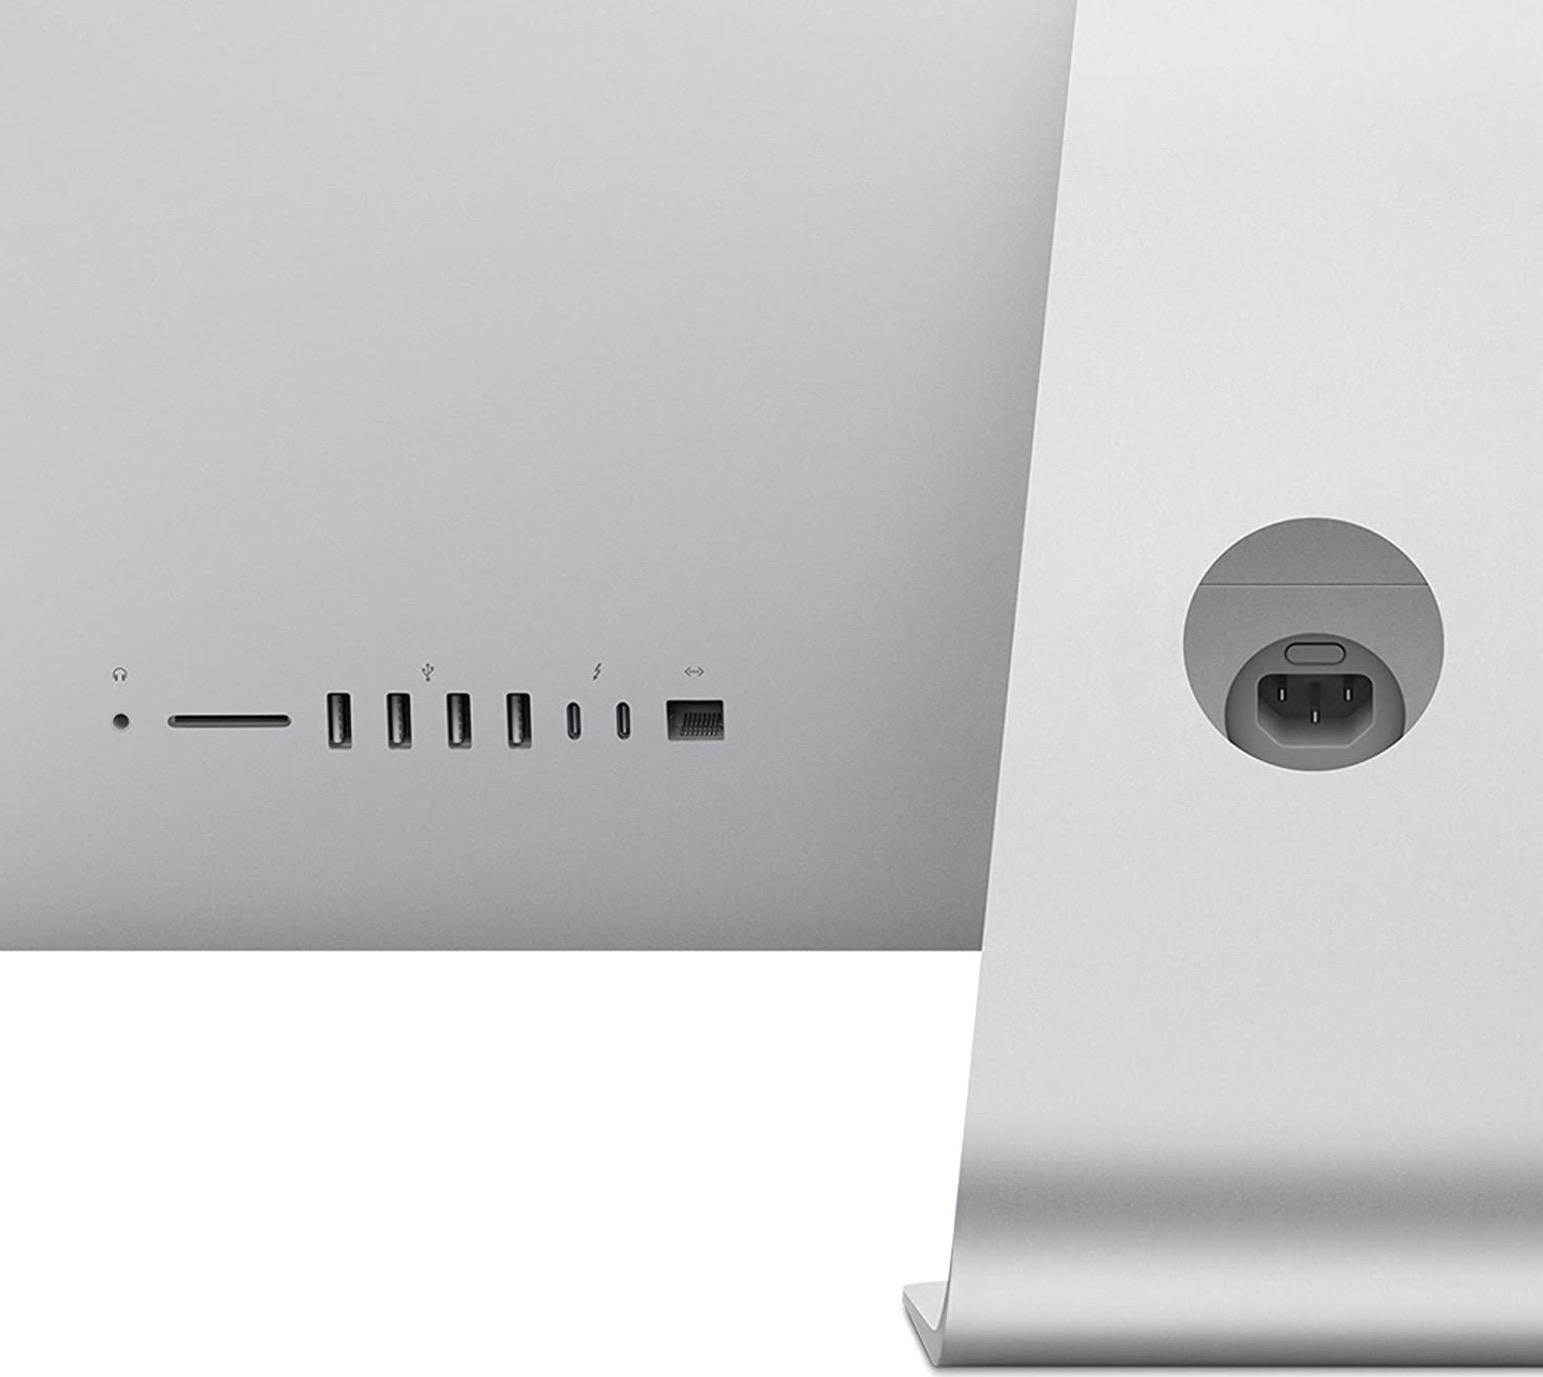 Nuovo iMac 27″ scontato: 1947 euro su Amazon